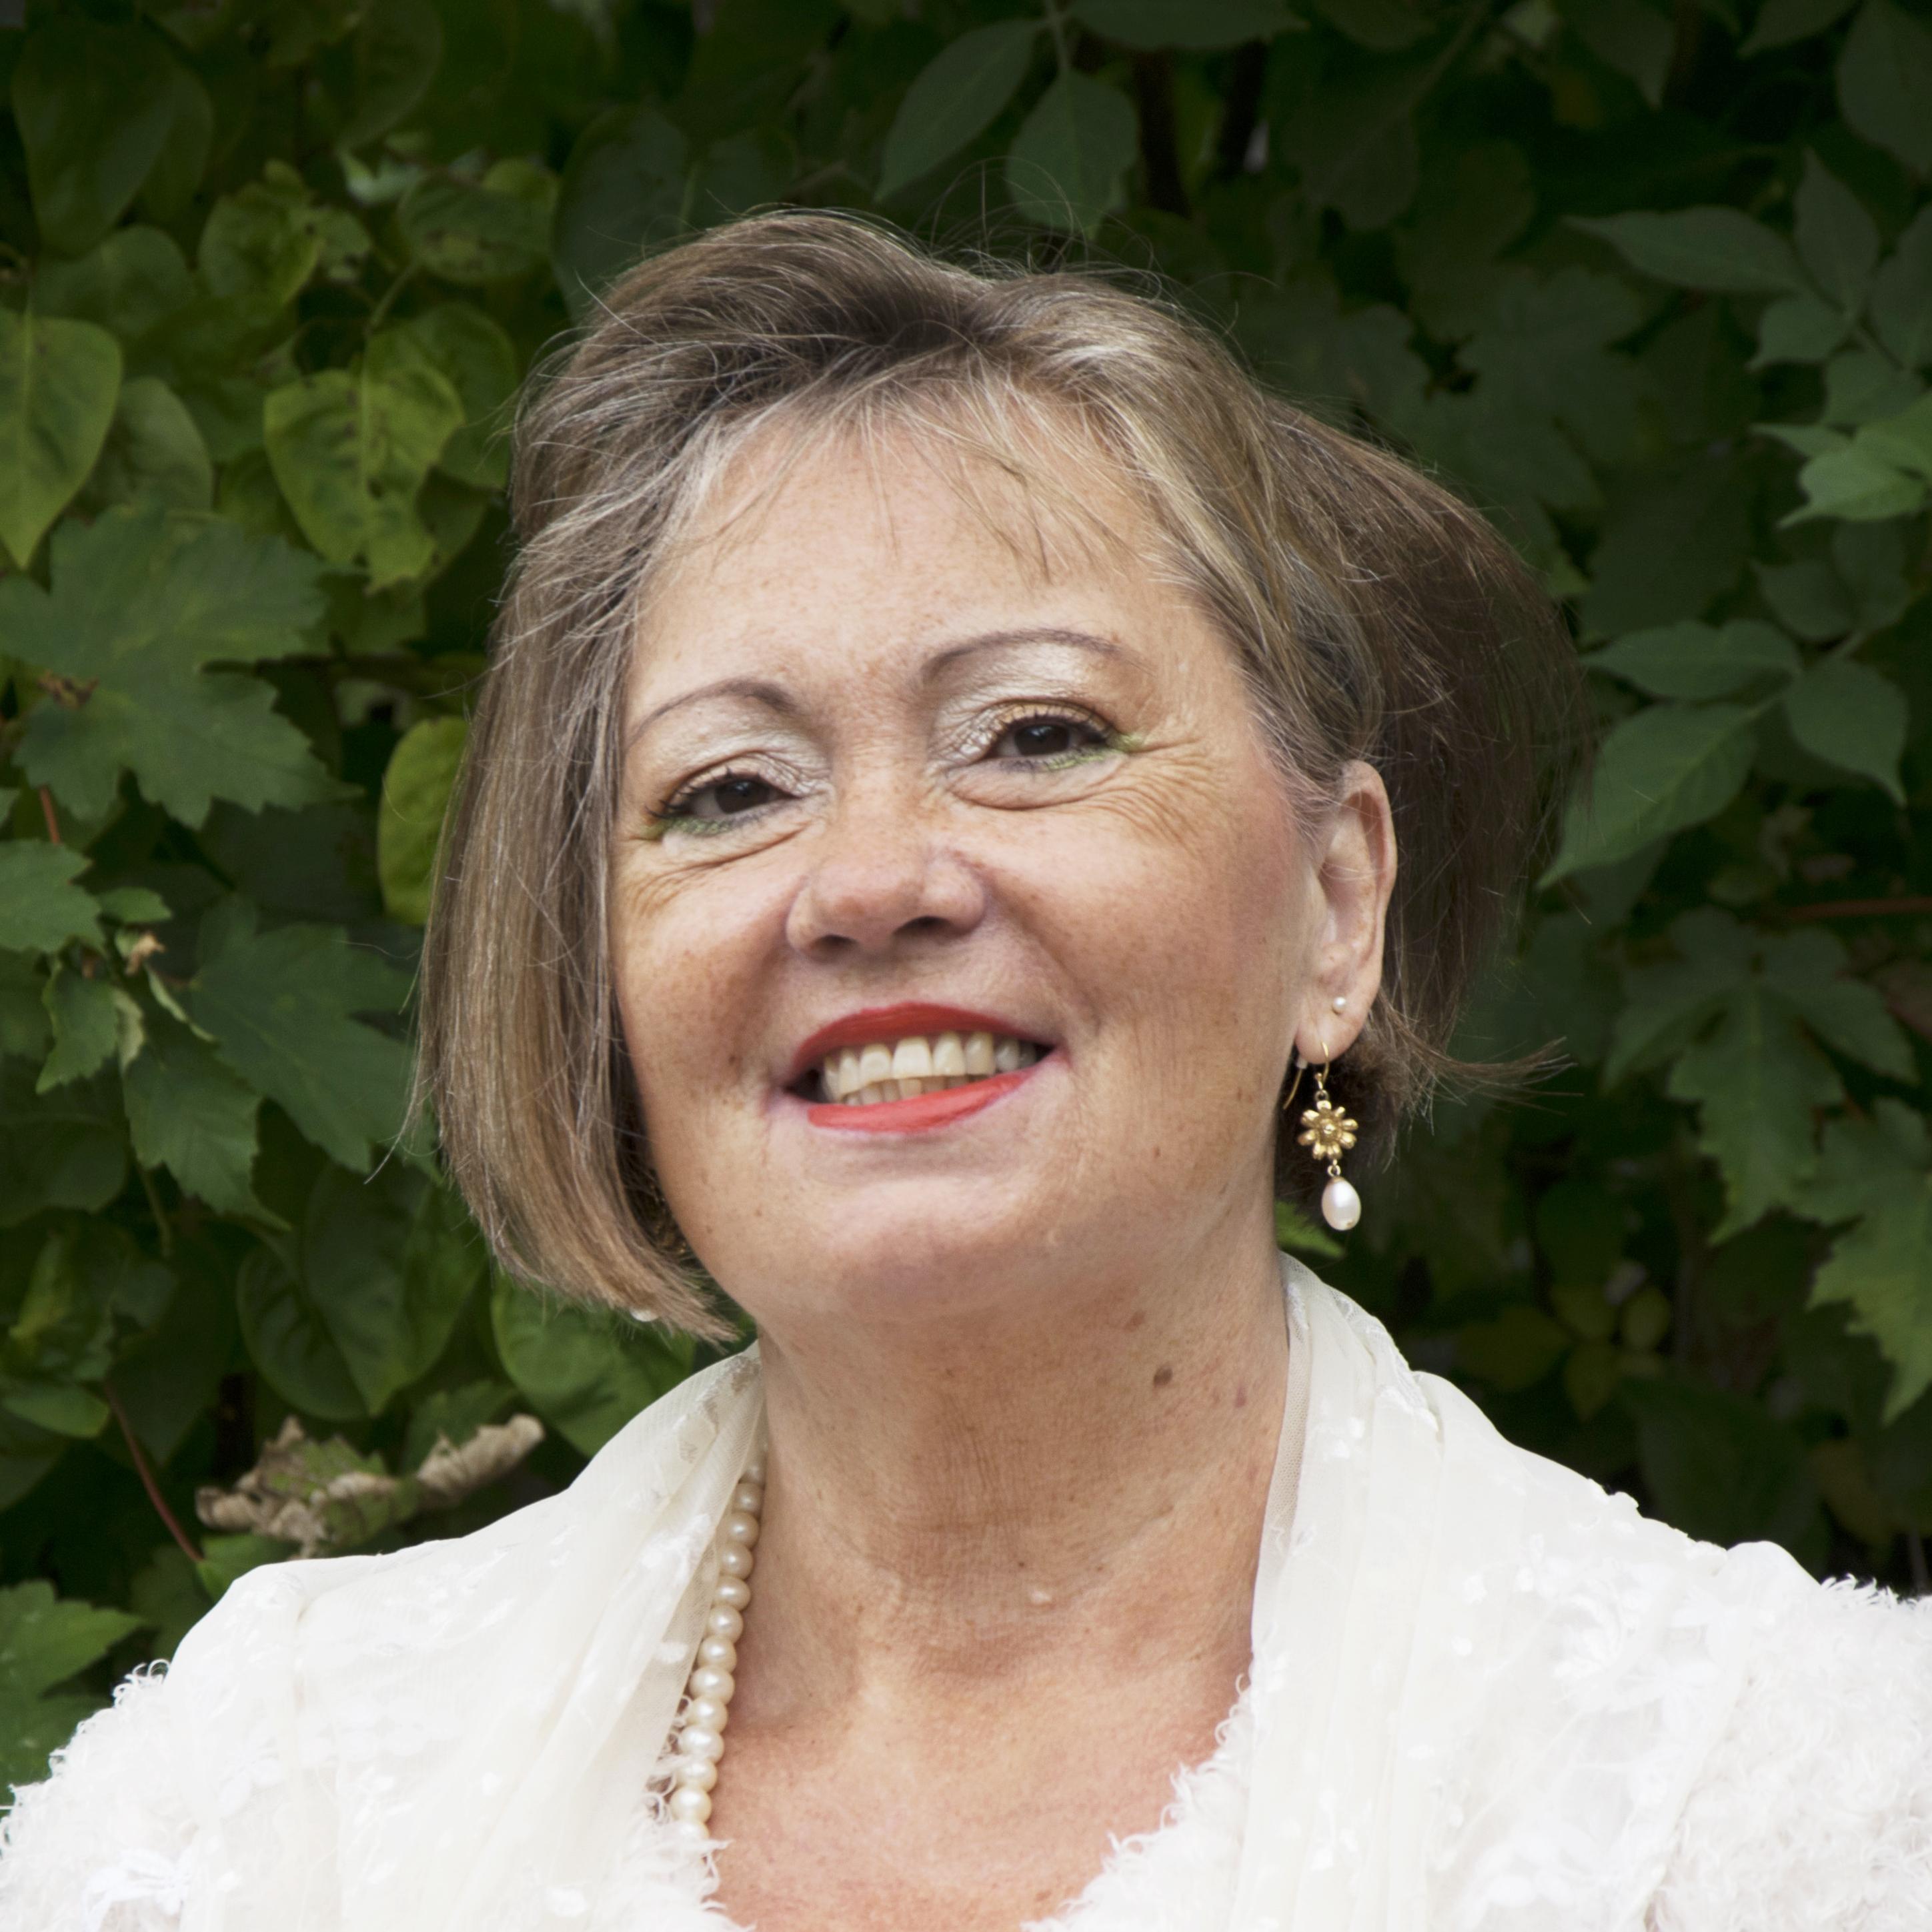 Anne-Birthe E. Ottsen